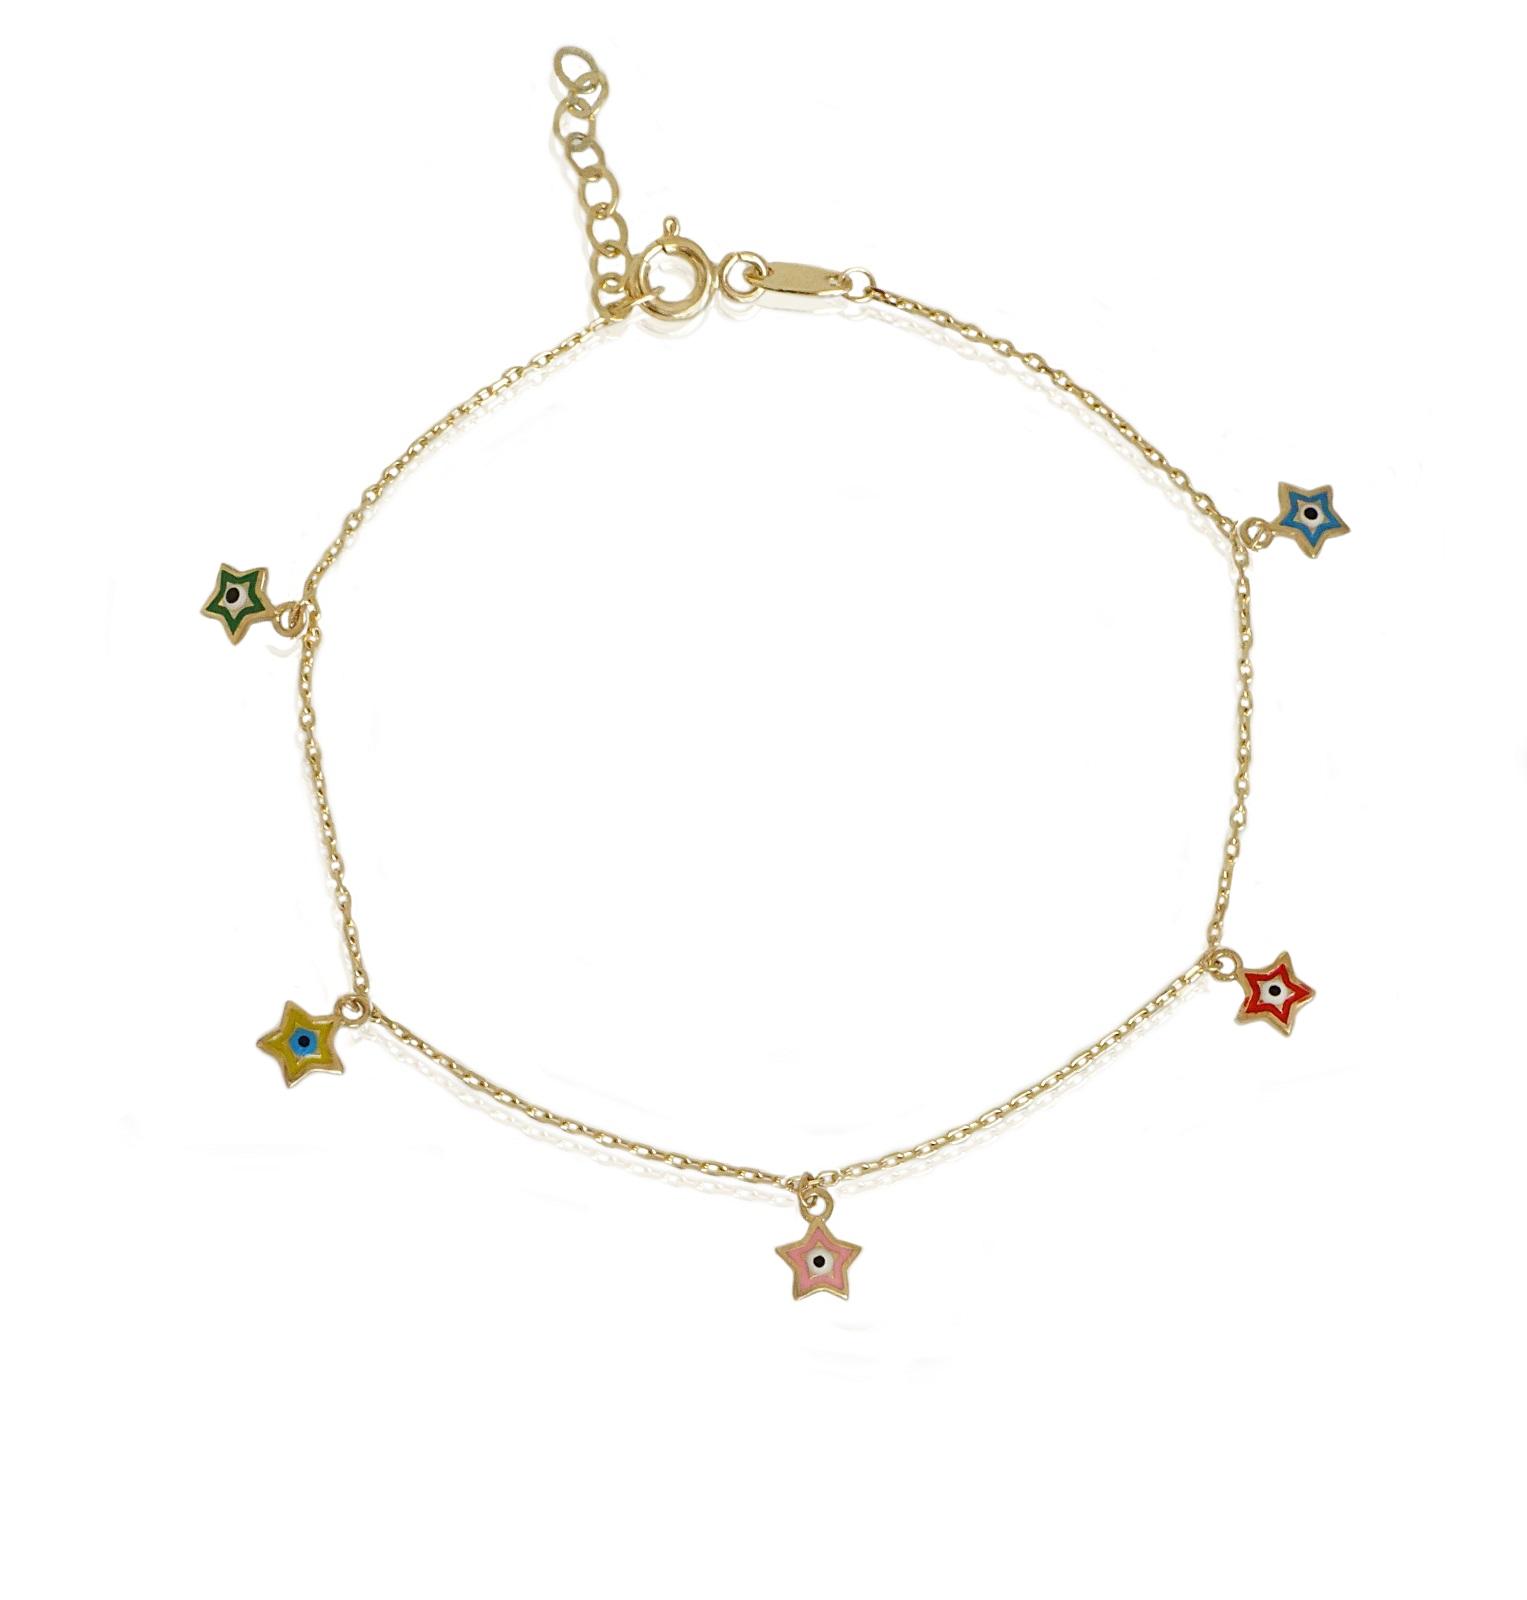 צמיד זהב לרגל עם כוכבים צבעוניים